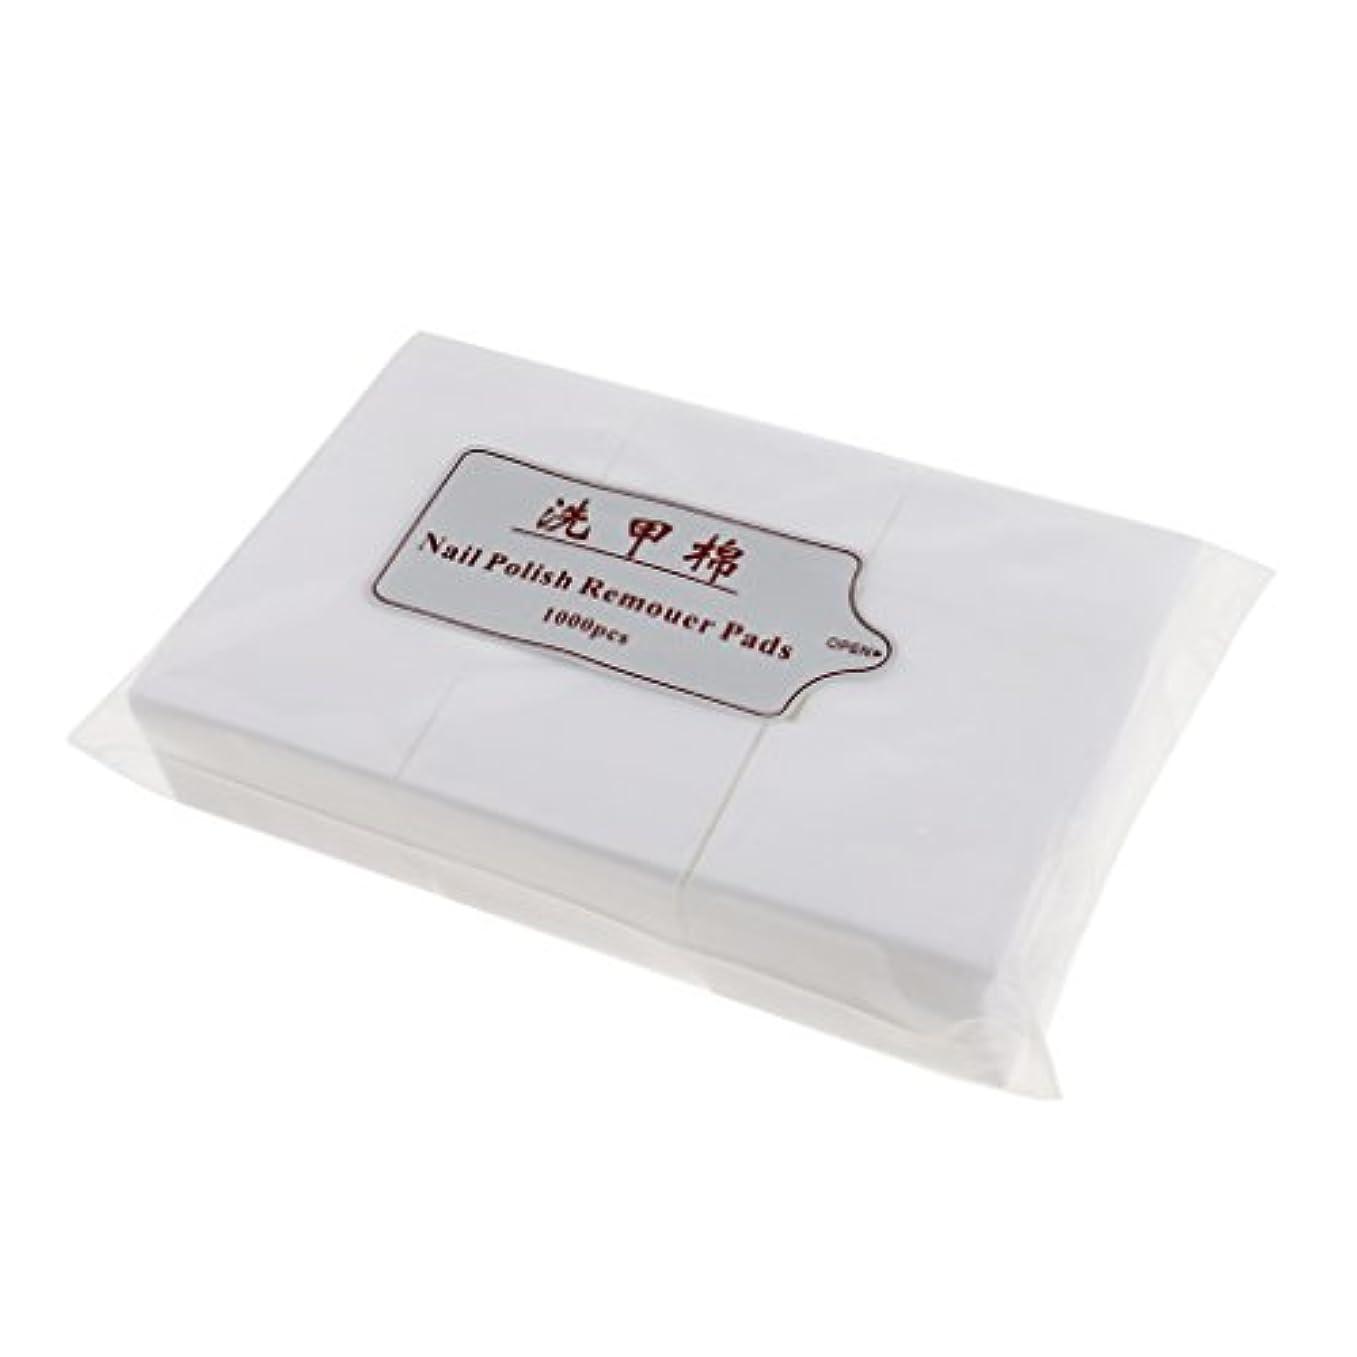 ハグ蒸し器可動1000xソフトネイルアートチップマニキュアポリッシュリムーバークリーンワイプコットンパッド紙